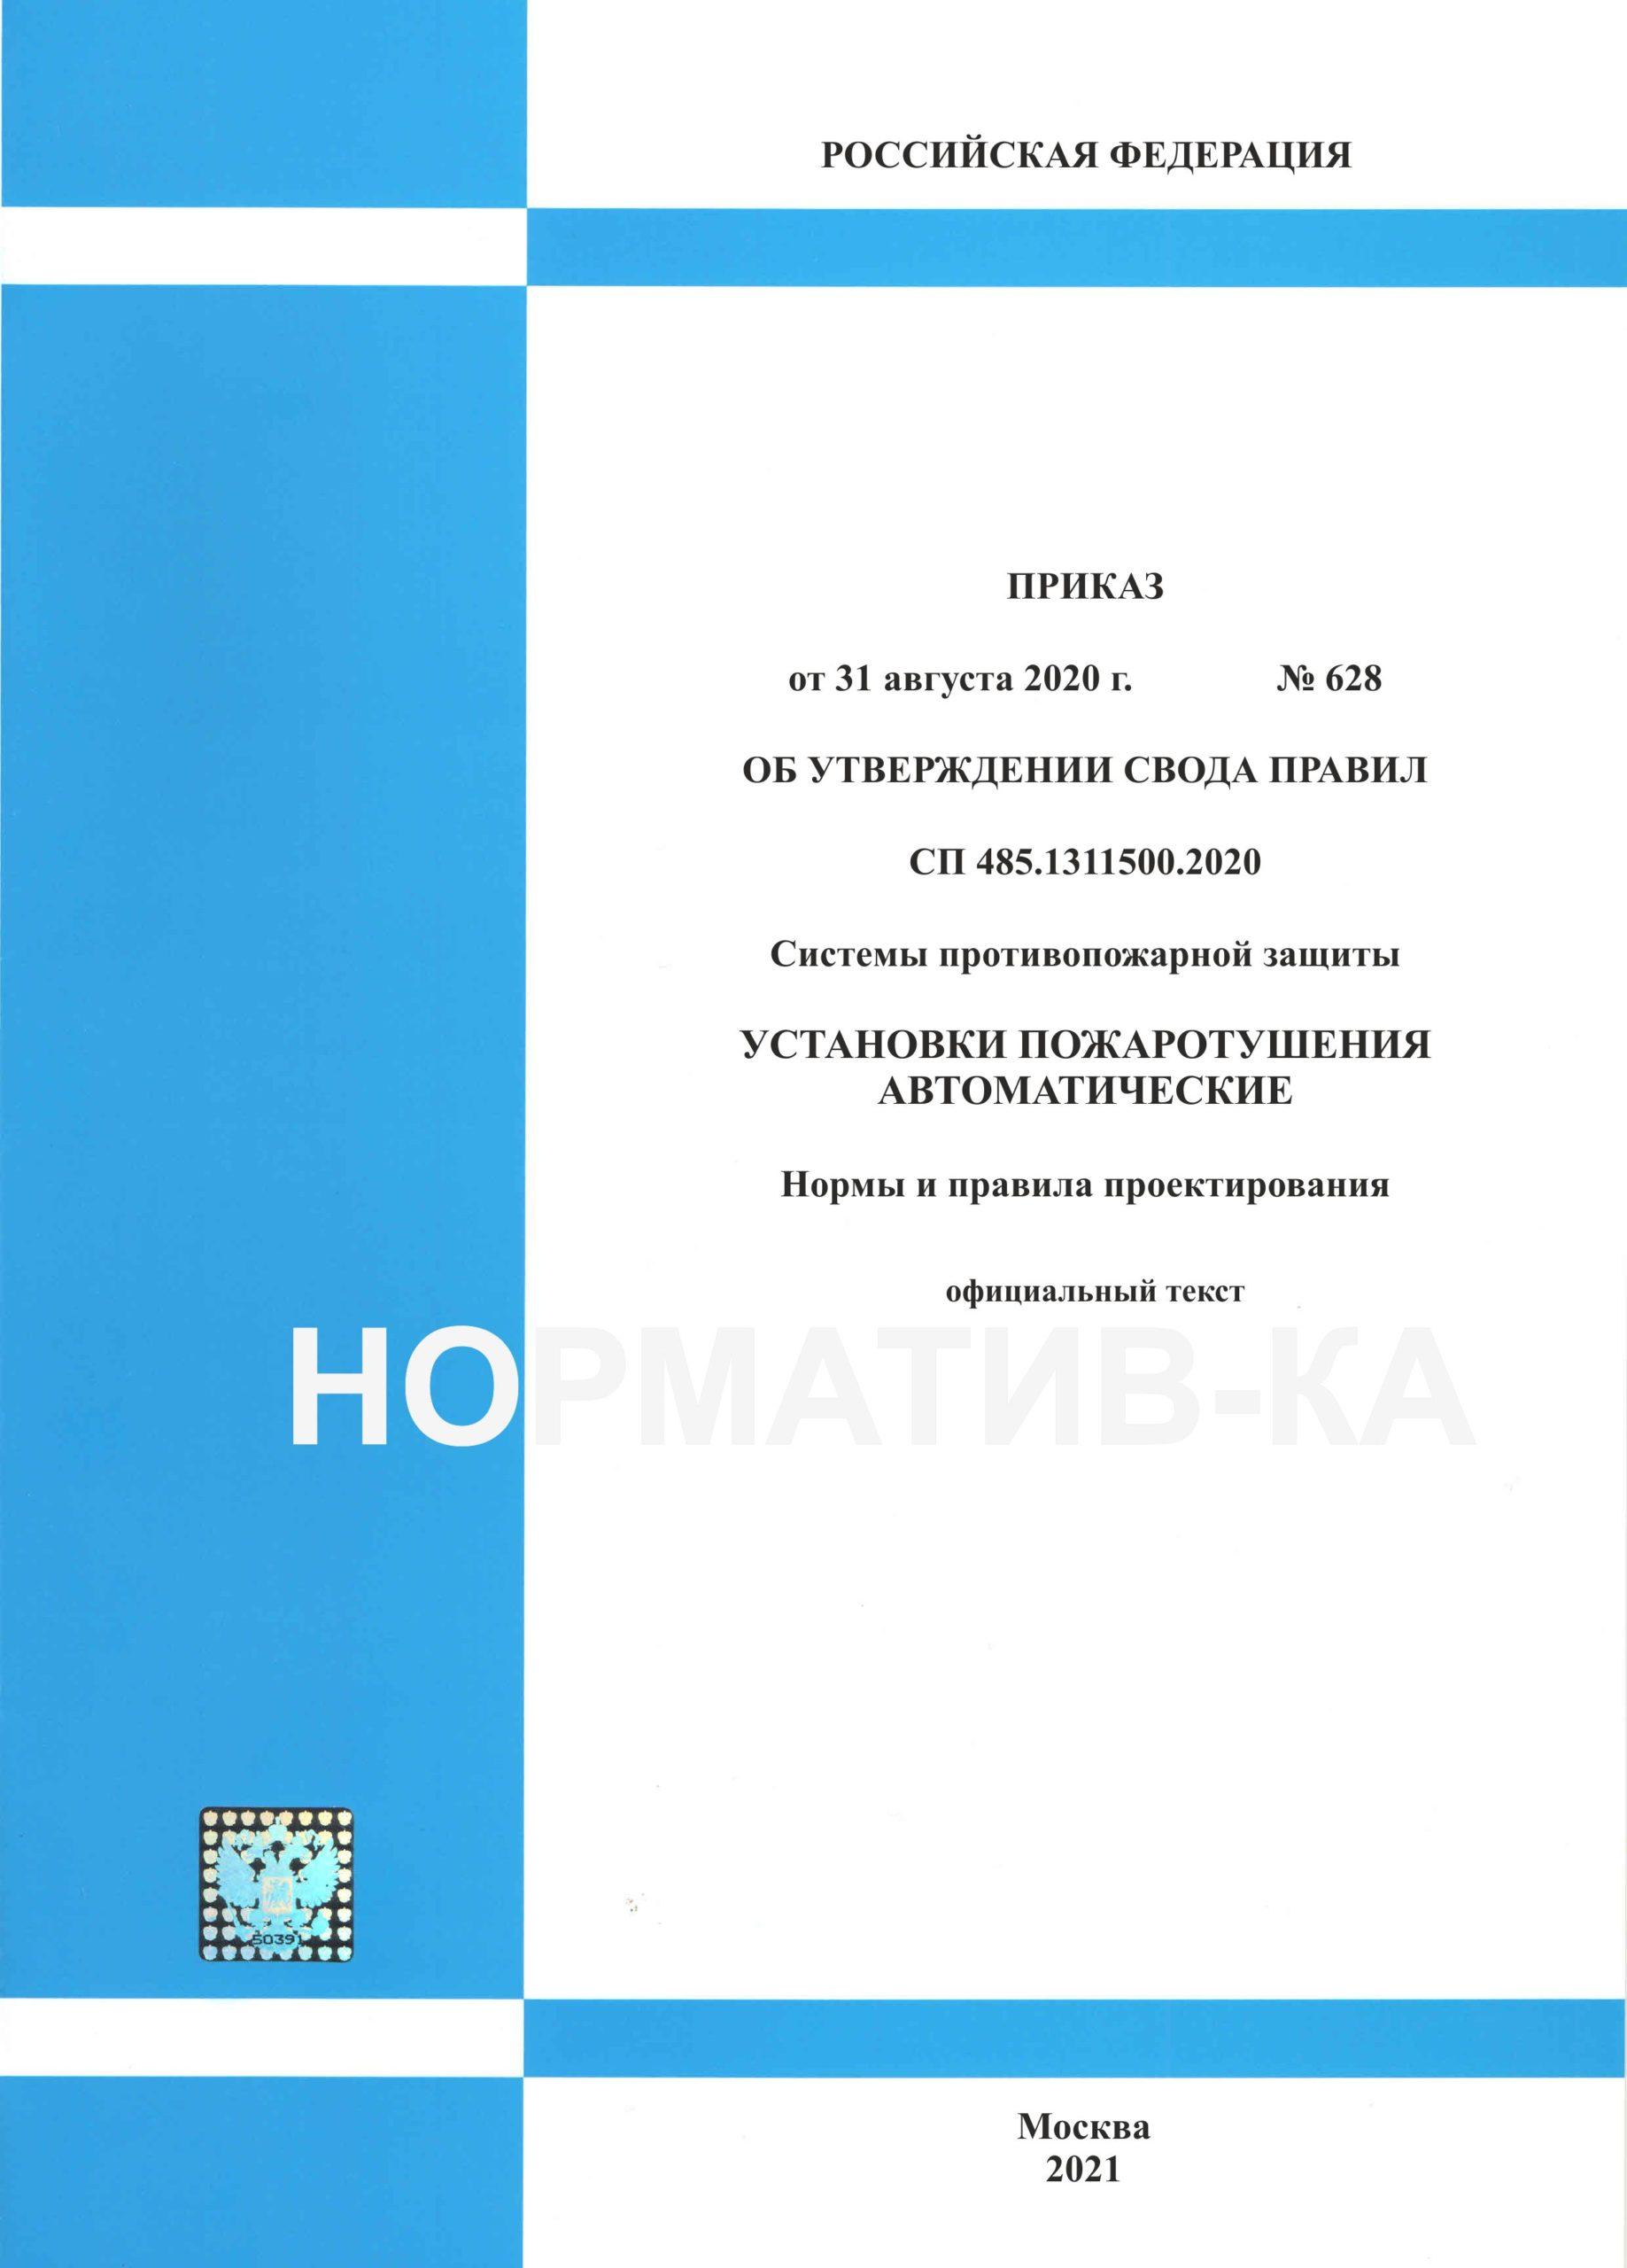 СП 485.1311500.2020